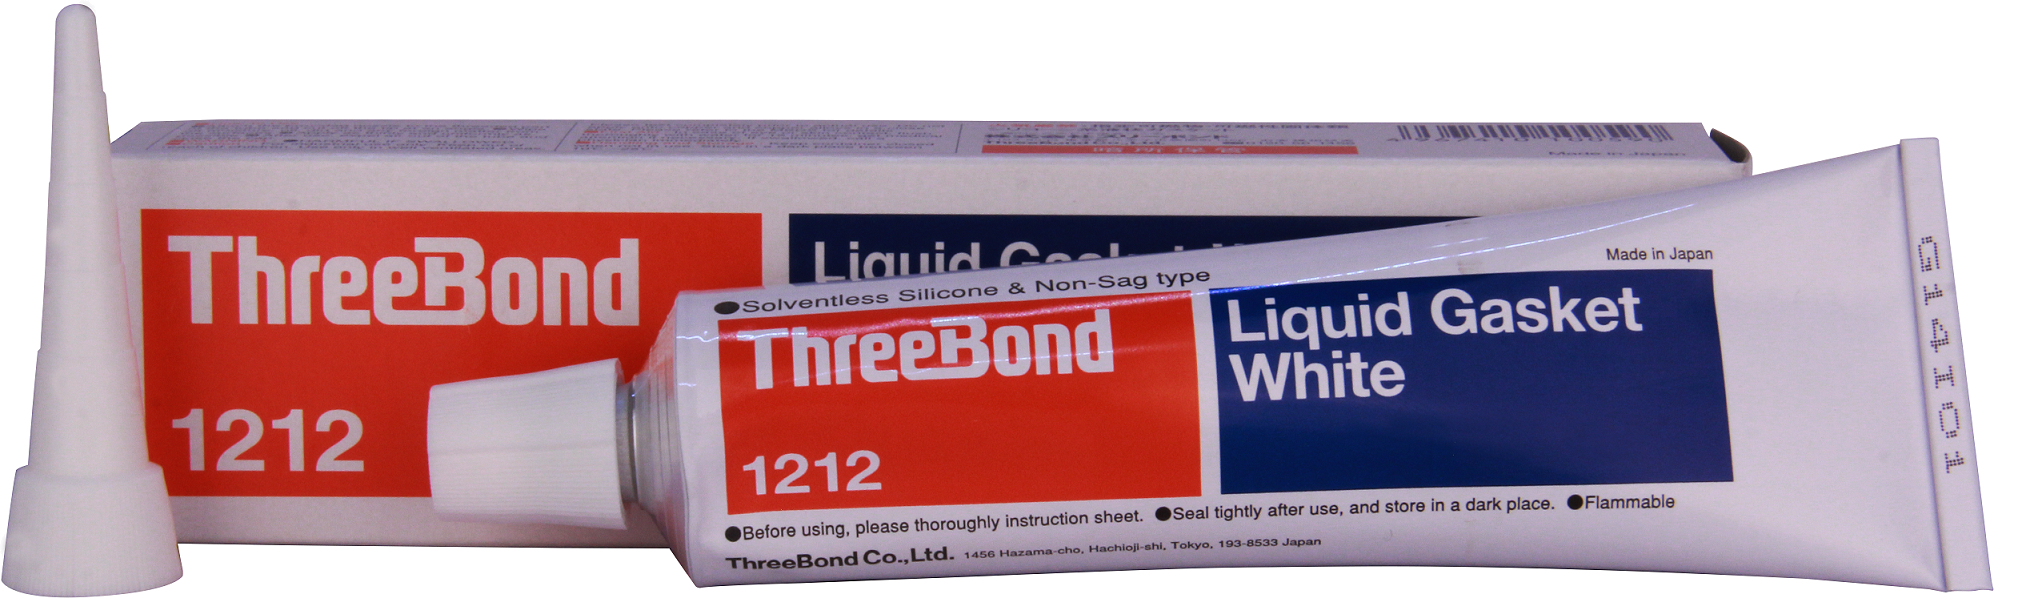 Amazing Three Bond 1212 3 Threebond 1212